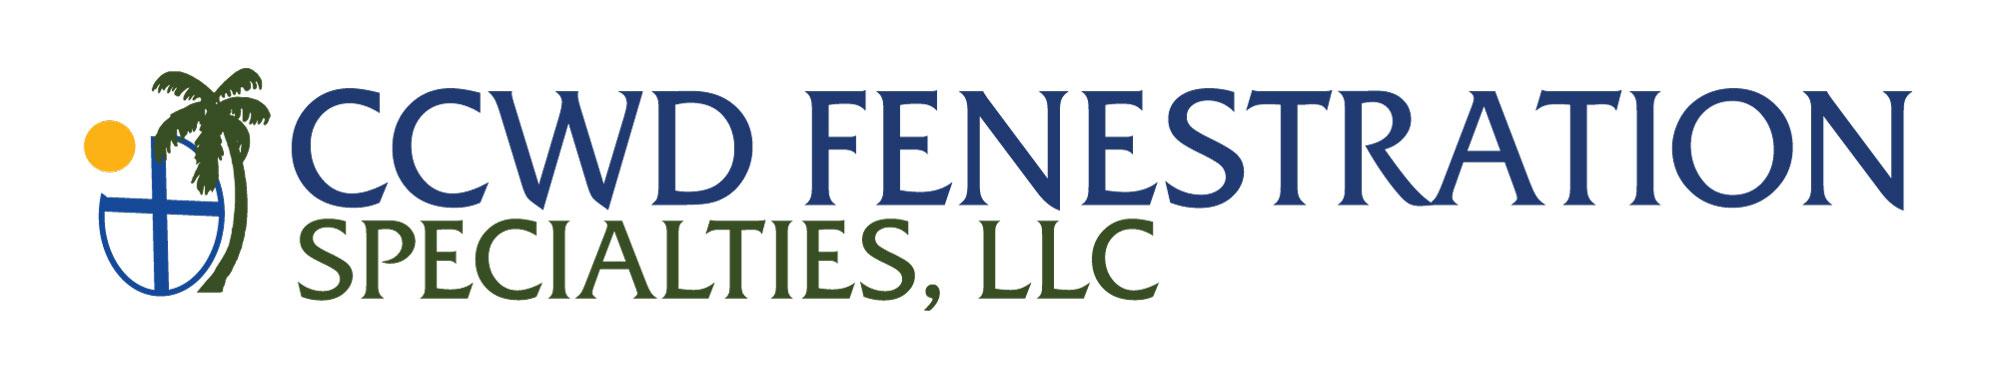 CCWD-Fenestration-Logo.jpg